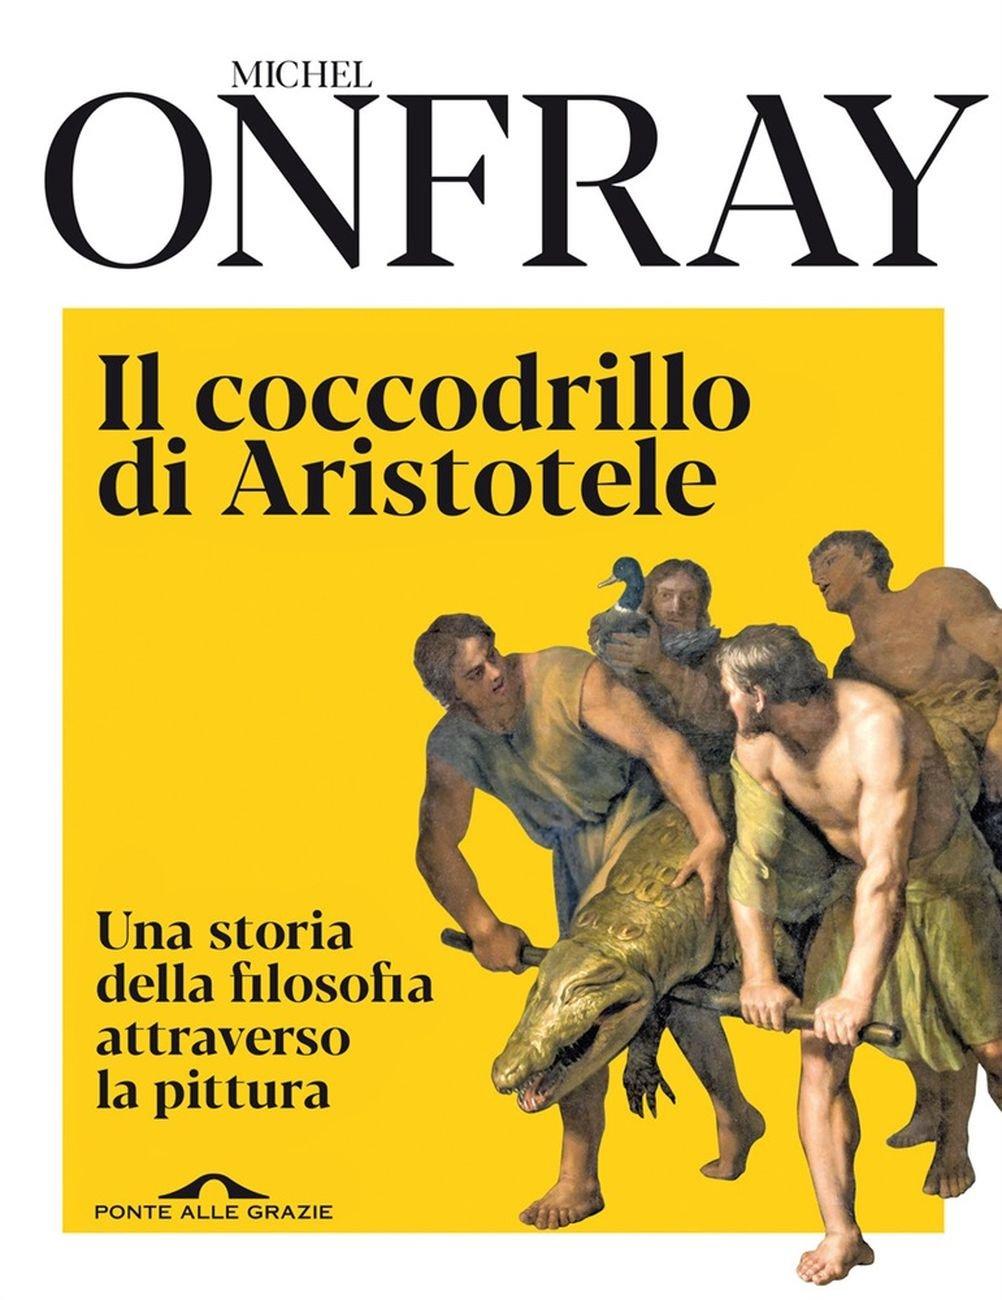 Michel Onfray - Il coccodrillo di Aristotele. Una storia della filosofia attraverso la pittura (Ponte alle Grazie, Milano 2020)